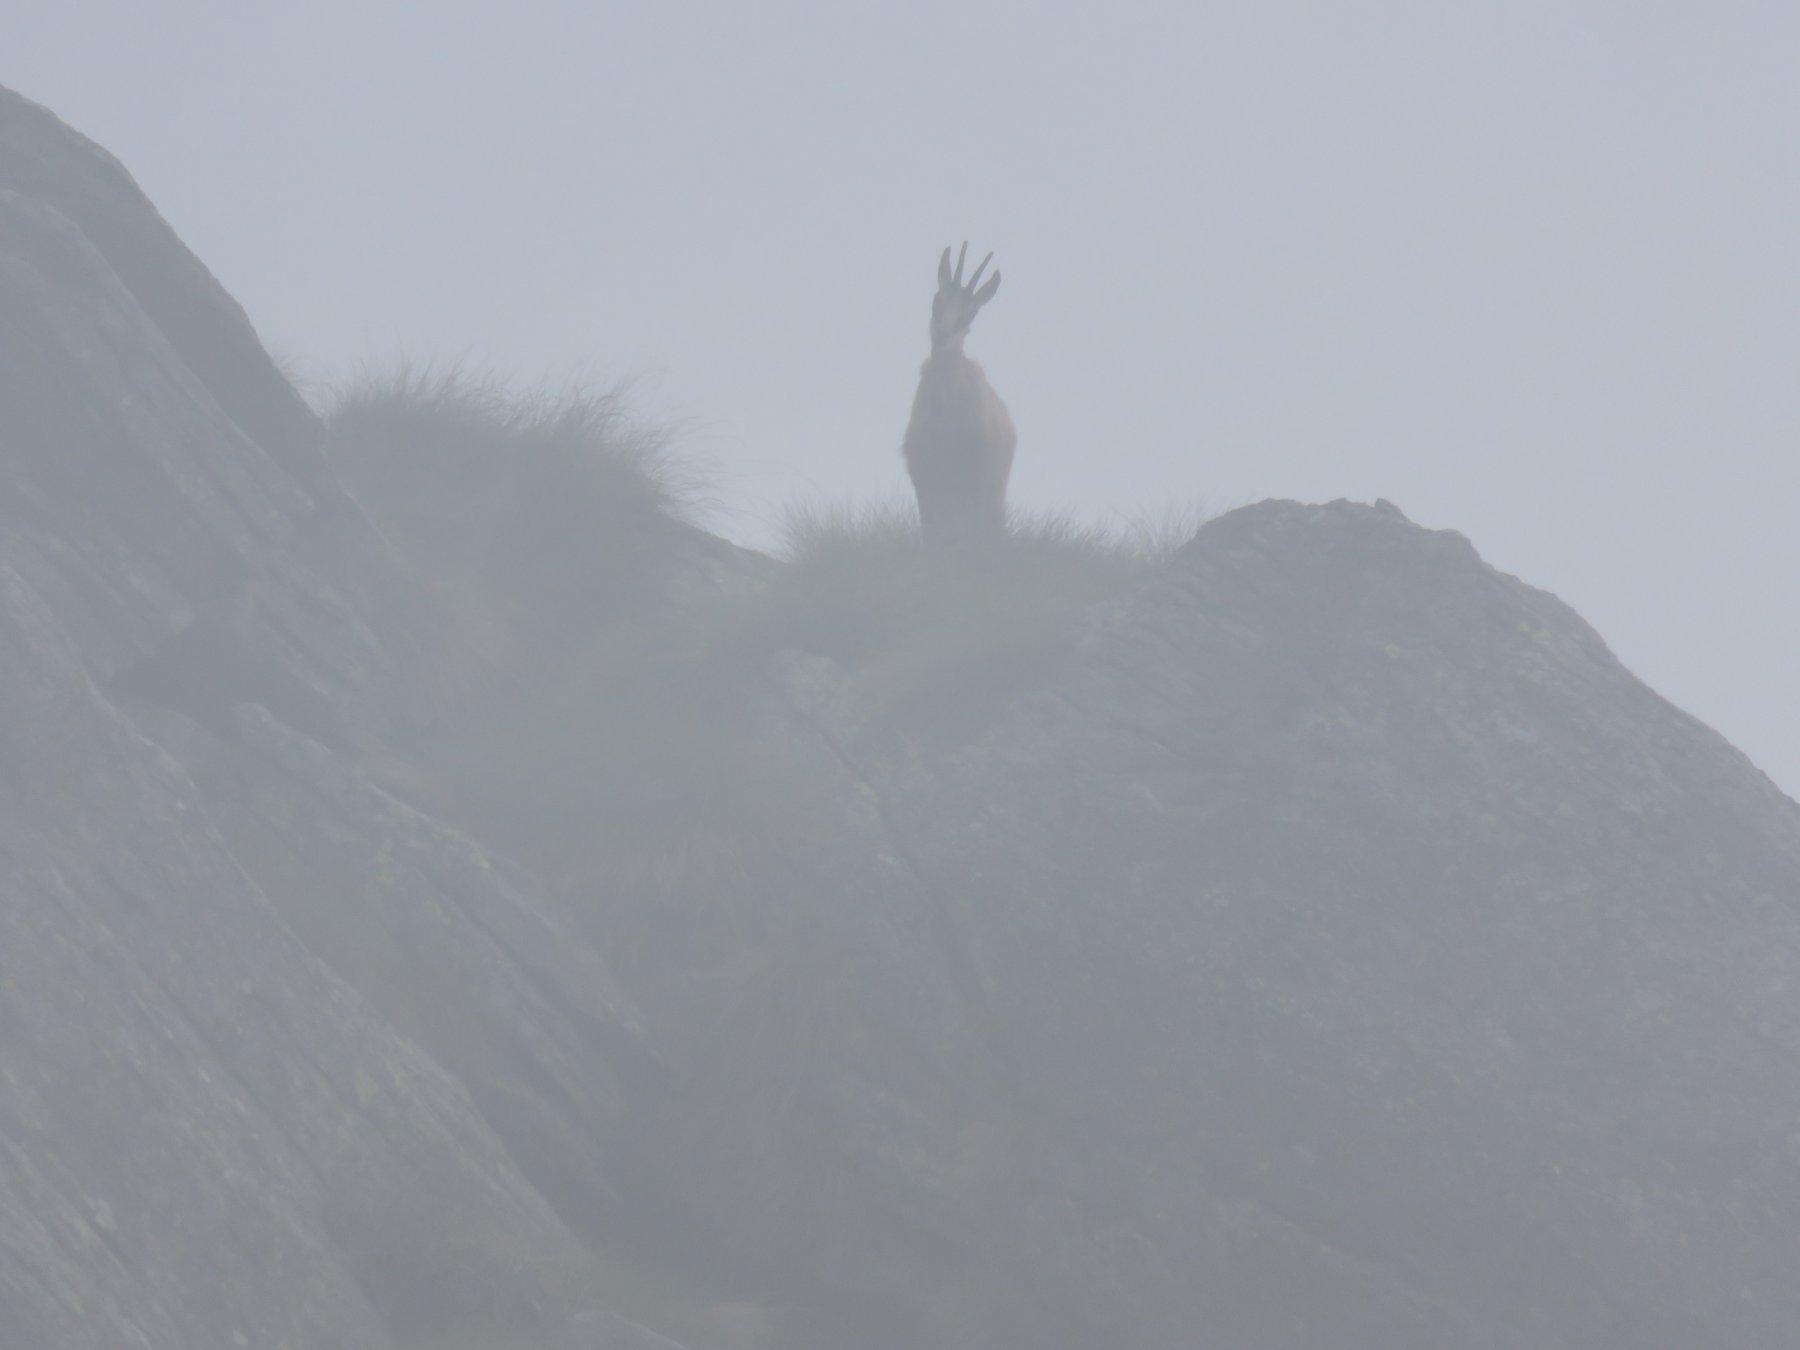 Qualcuno, nella nebbia, ci osserva incuriosito!